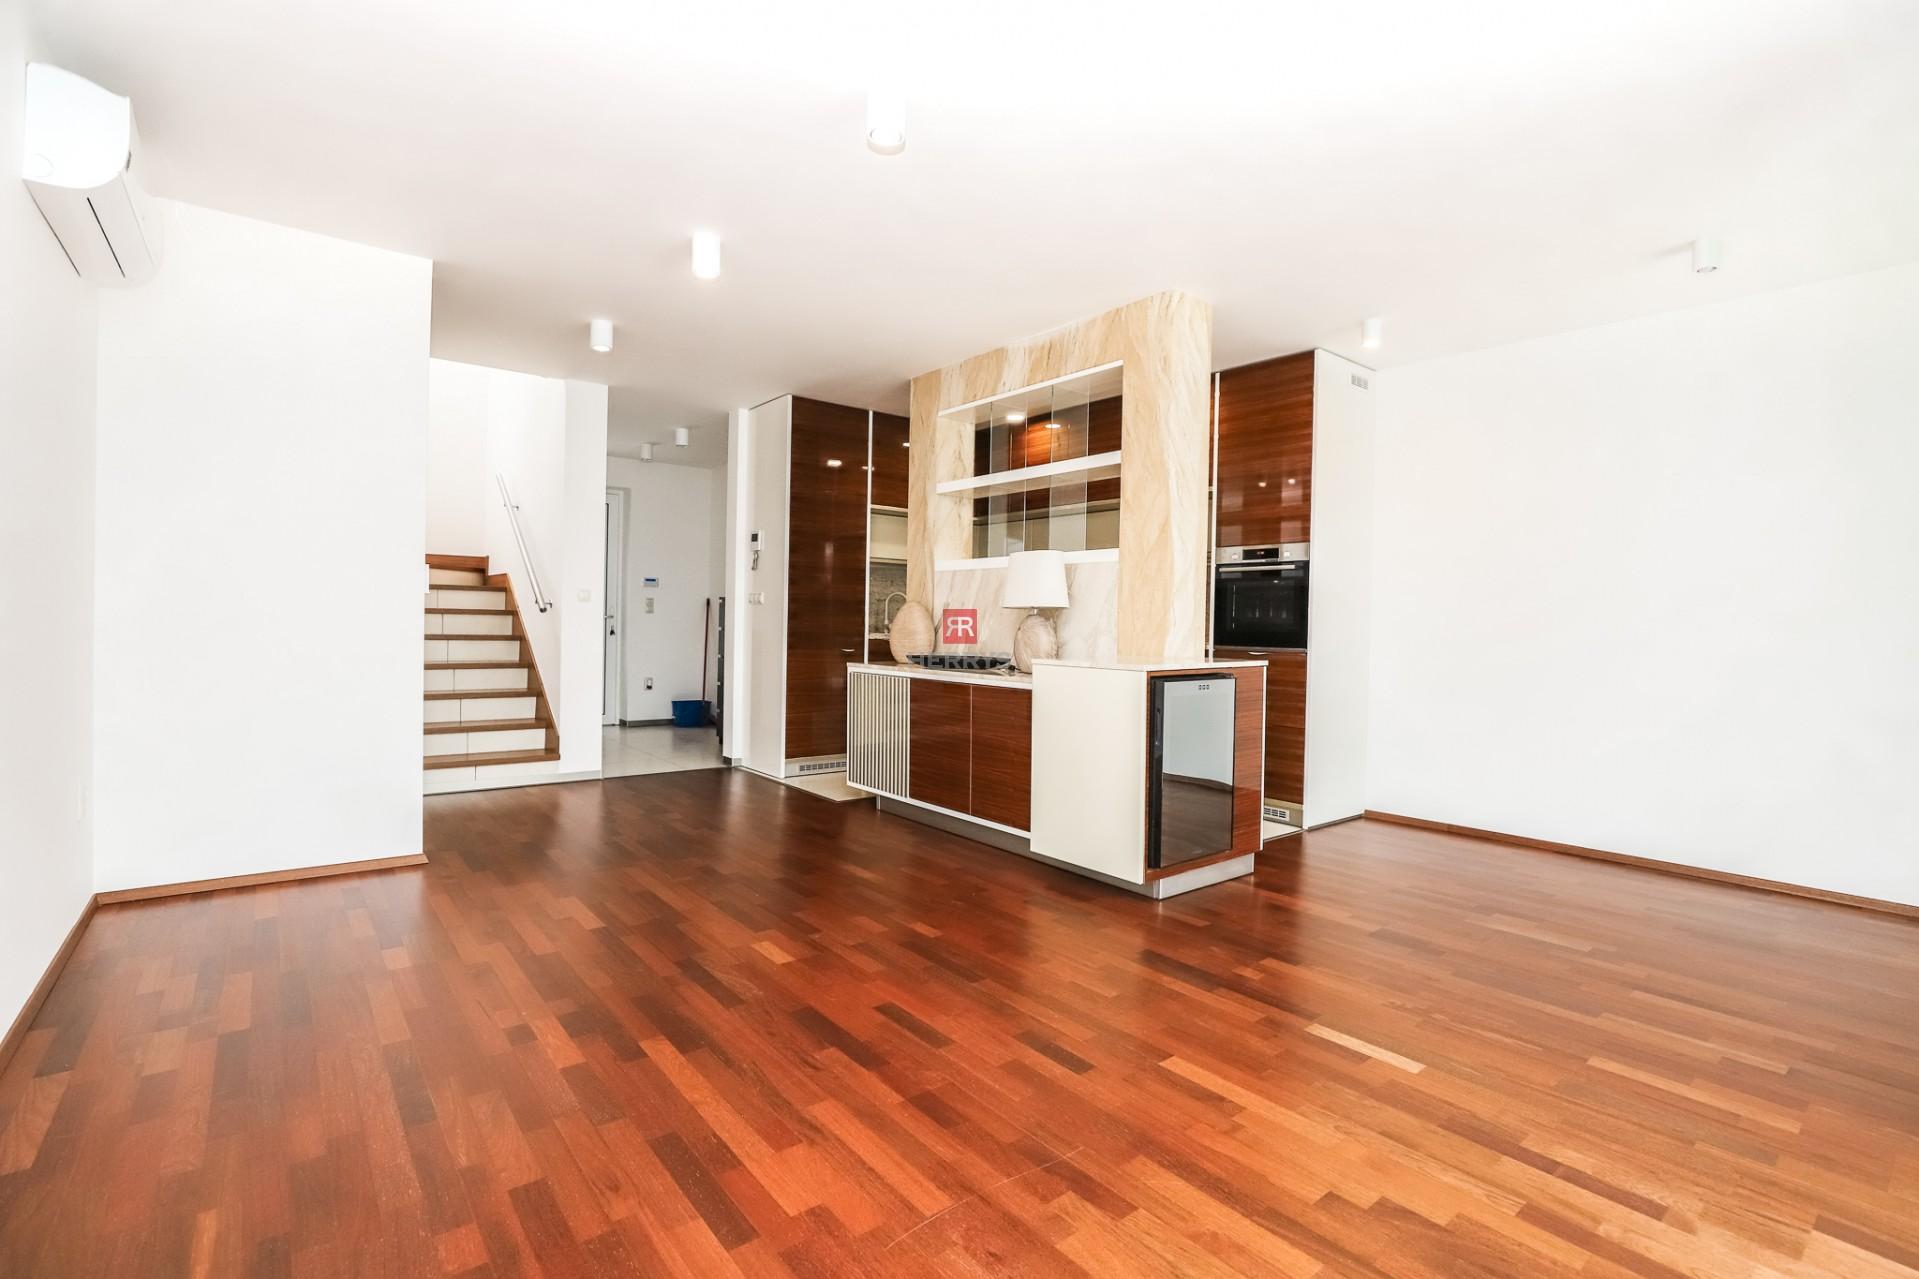 HERRYS - Na prenájom nadštandardný 3 izbový byt s terasou, záhradkou a parkovaním v uzavretom areáli